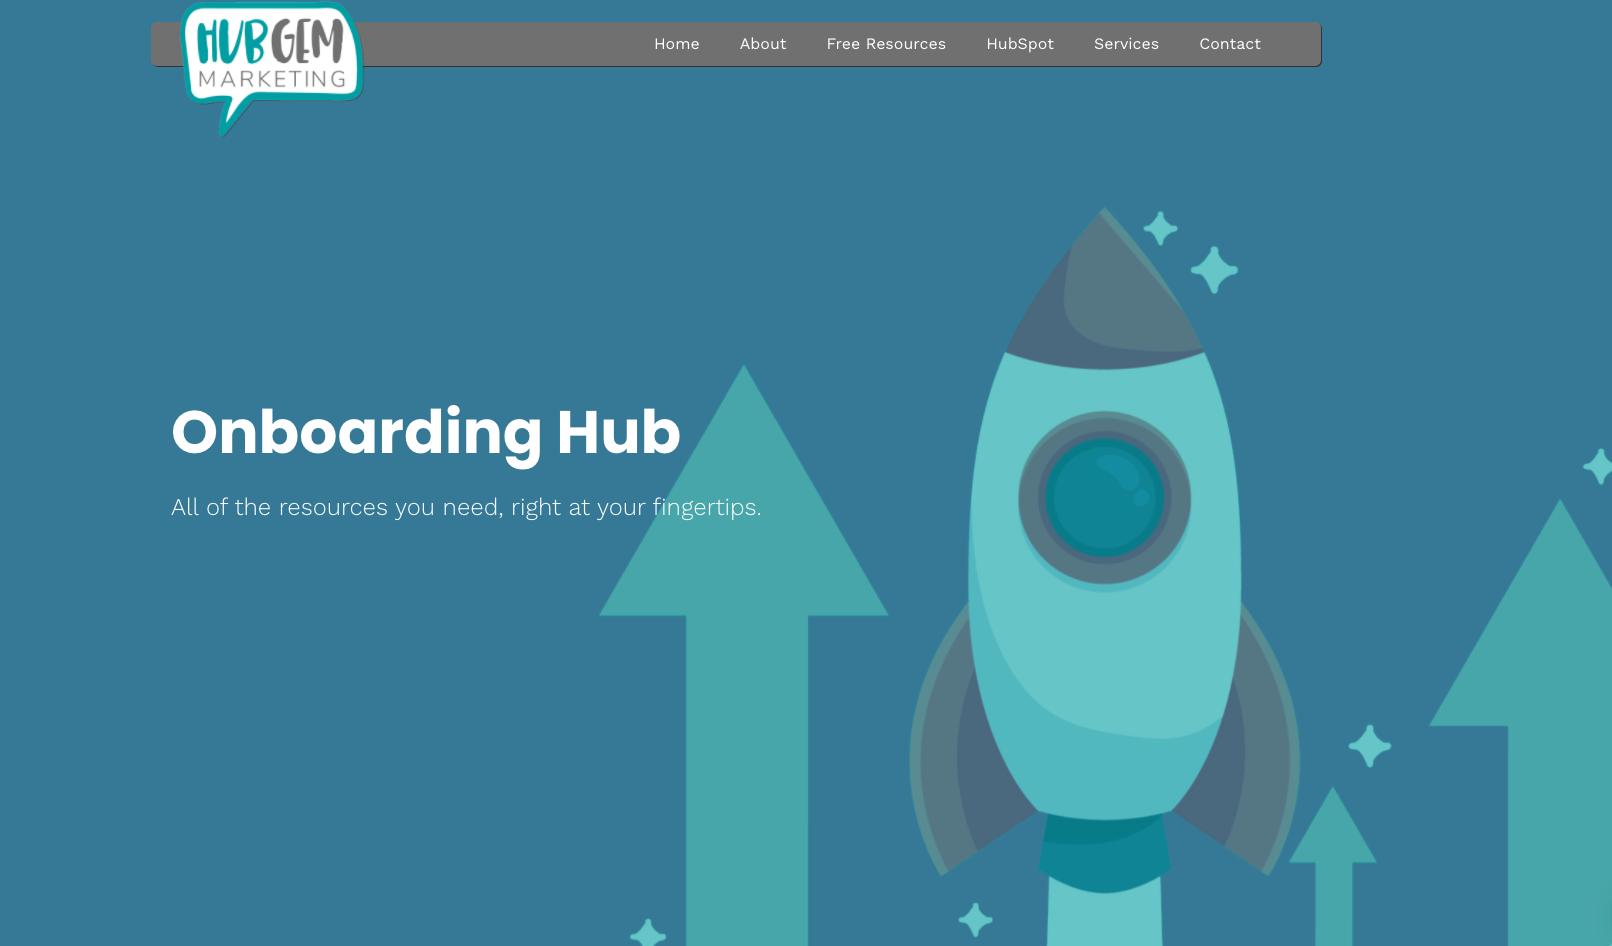 HubSpot Onboarding Hub